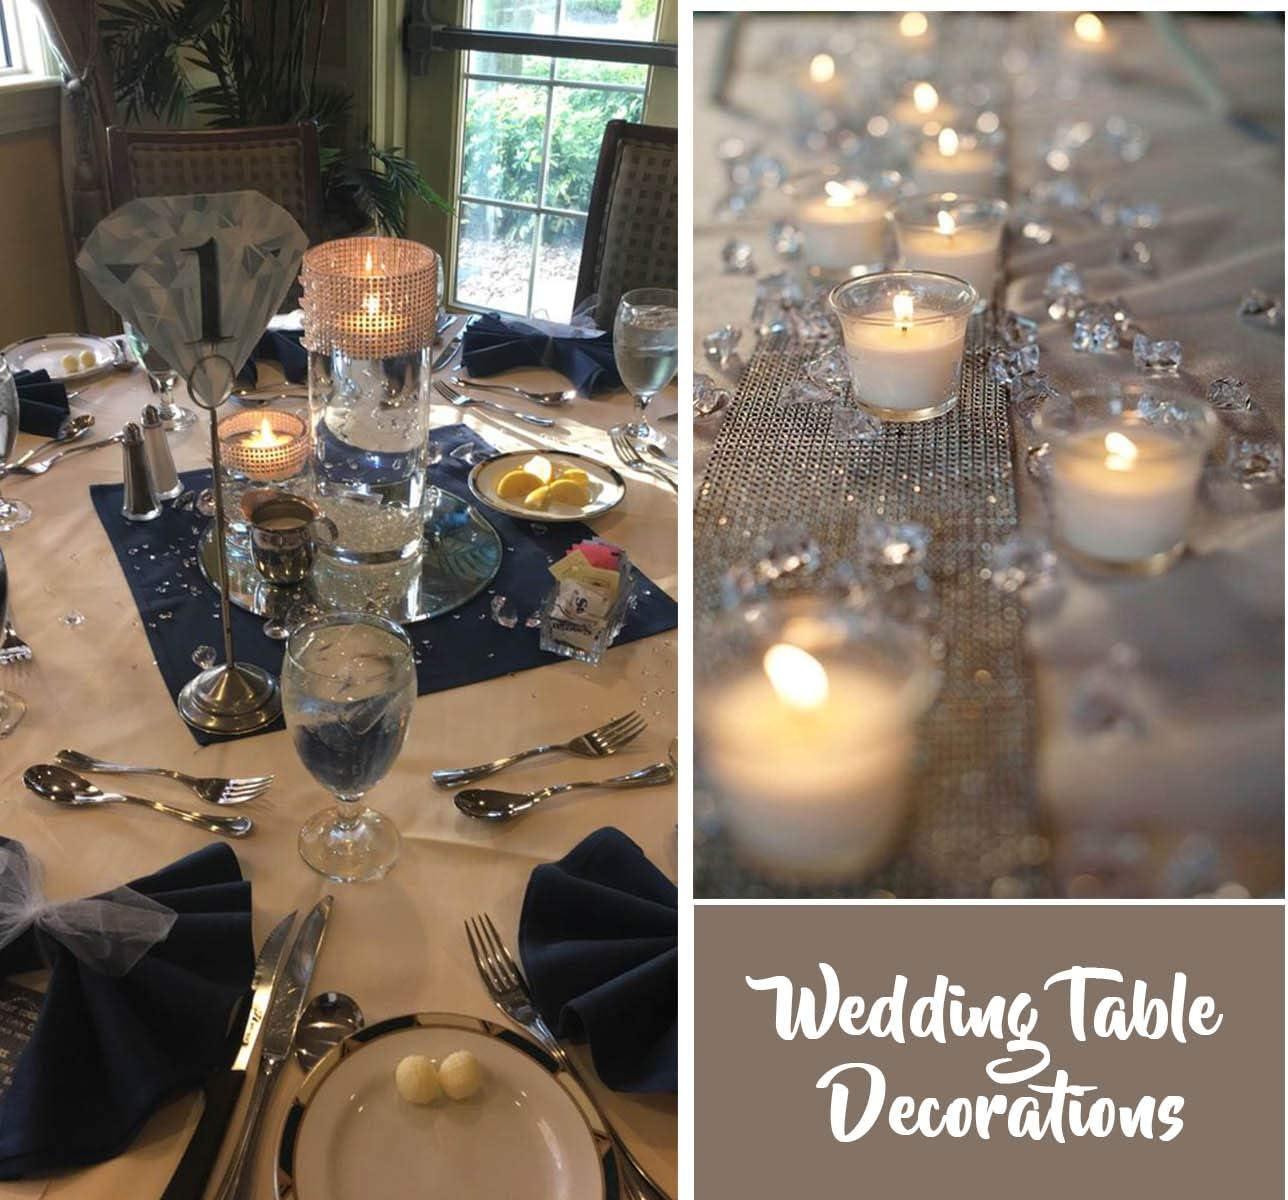 trasparente decorazione da tavolo Absofine Diamanti decorativi in cristallo trasparente 20mm-200Stk per bouquet e matrimonio incolore acrilico cristallo.